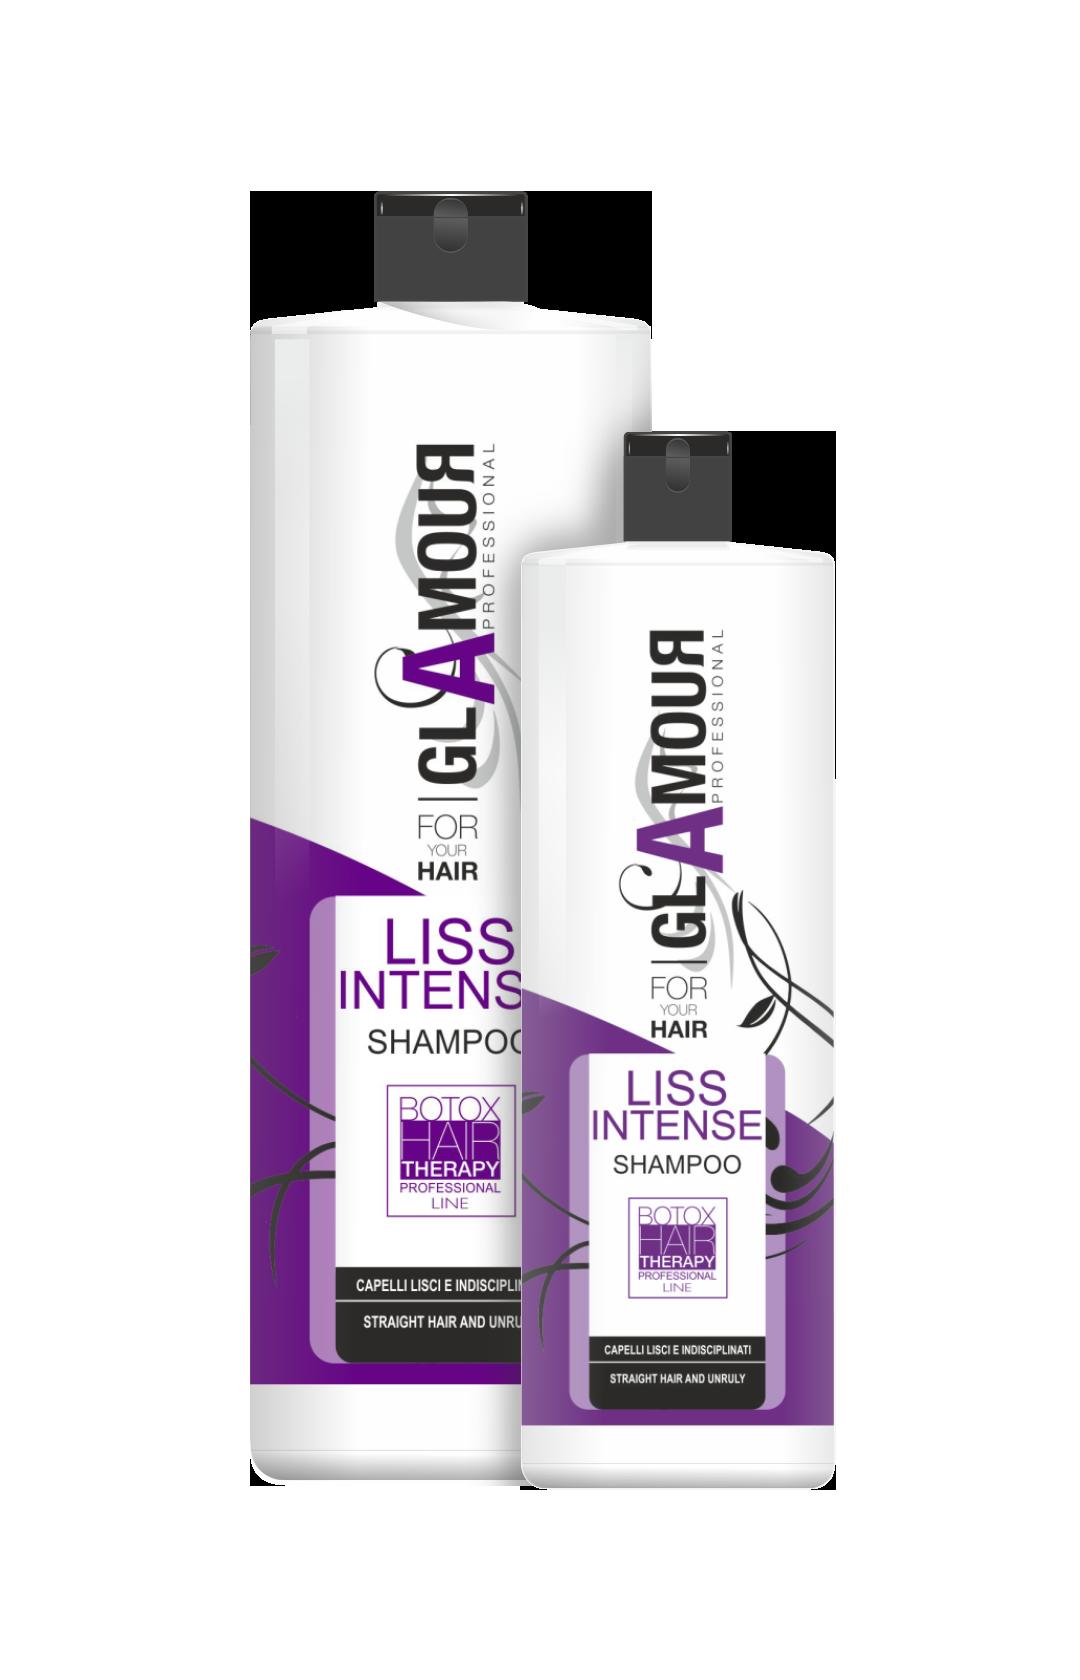 Shampoo per capelli ricci e ondulati. Le proprietà contenute in esso, proteggono dall'effetto del crespo, donando elasticità.